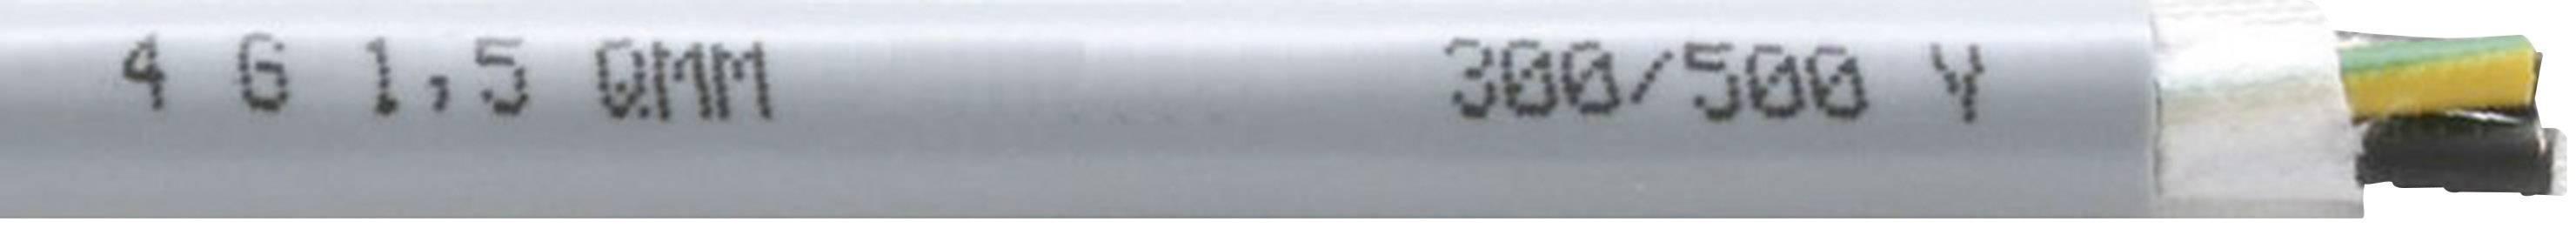 Tažný kabel Faber Kabel EFK 310 Y 310 UL/CSA-SCHLEPPLTG.PVC/PVC (035453), 5x 1,5 mm², PVC, Ø 10 mm, nestíněný,